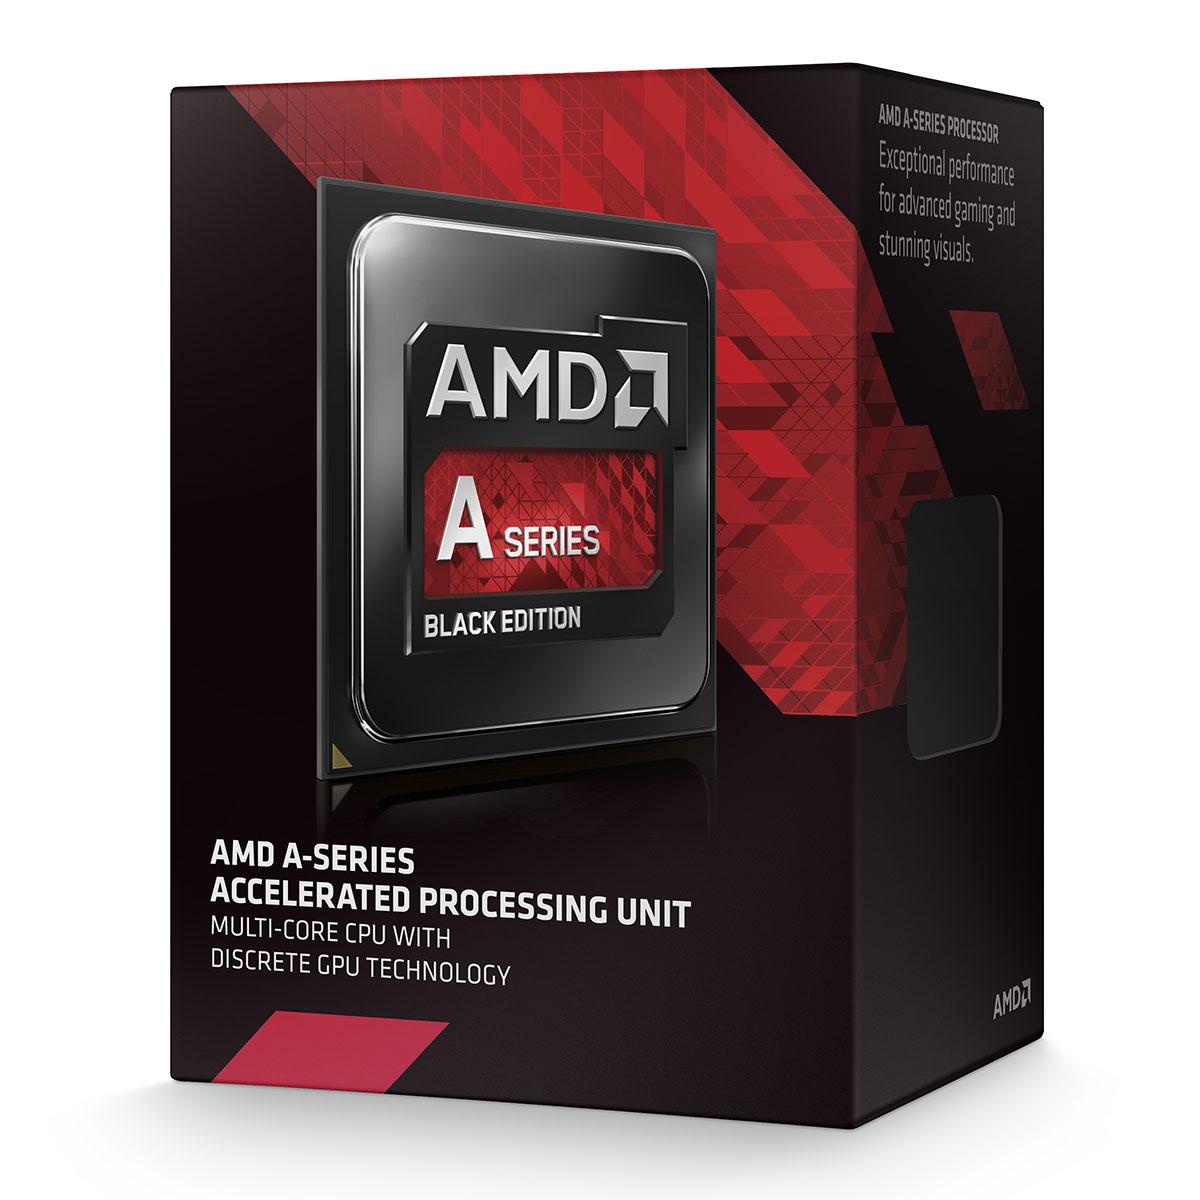 Processeur AMD A8-7650K (3.8 GHz) Black Low Noise Edition Processeur Quad Core socket FM2+ Cache L2 4 Mo Radeon R7 Series 0.028 micron + ventilateur silencieux (version boîte - garantie constructeur 3 ans)